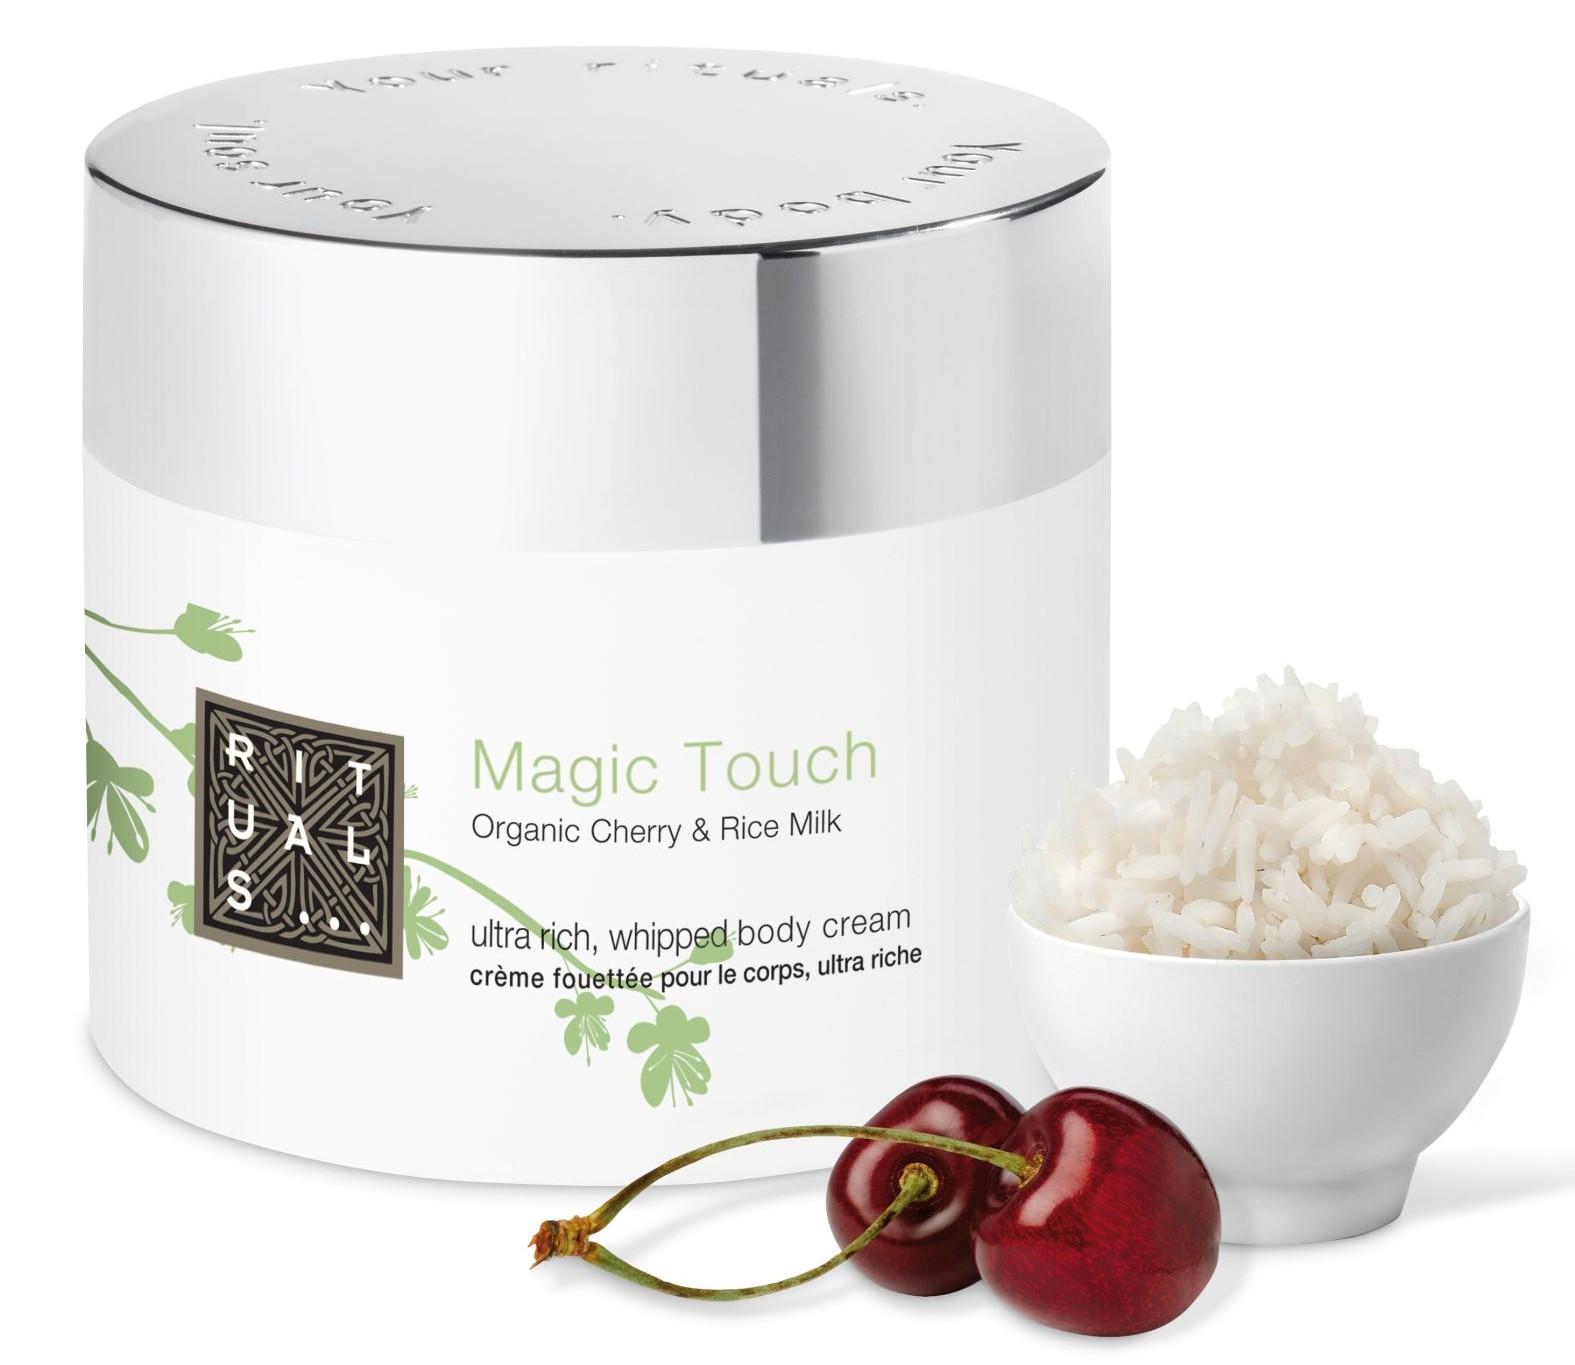 Rituals - Magic Touch třešeň&rýžové mléko-tělový krém, ultra-rich, zláčňující, zpevňující, 200ml, cena 419Kč